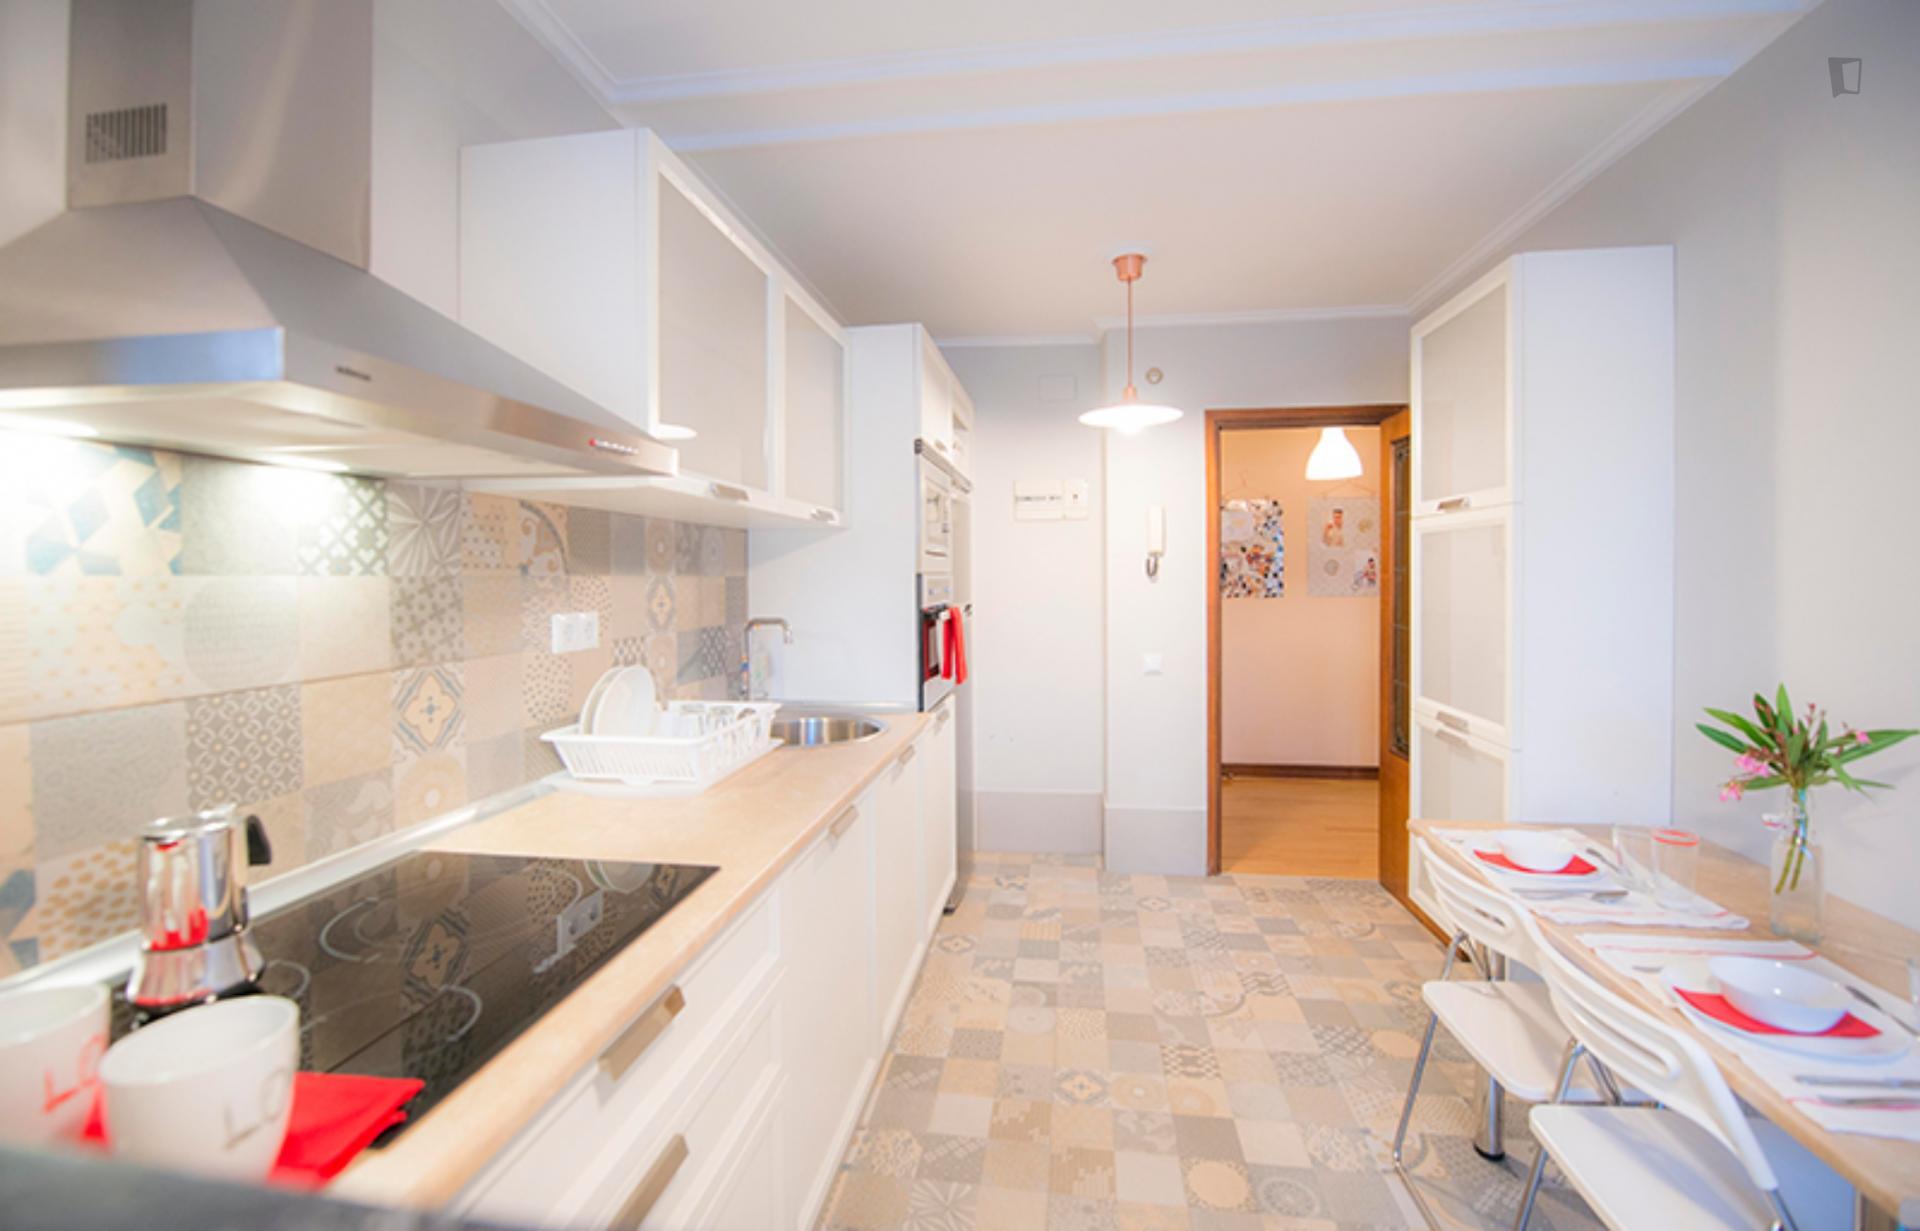 Etxetaldea- Cómoda Habitación en Piso Compartido Bilbao